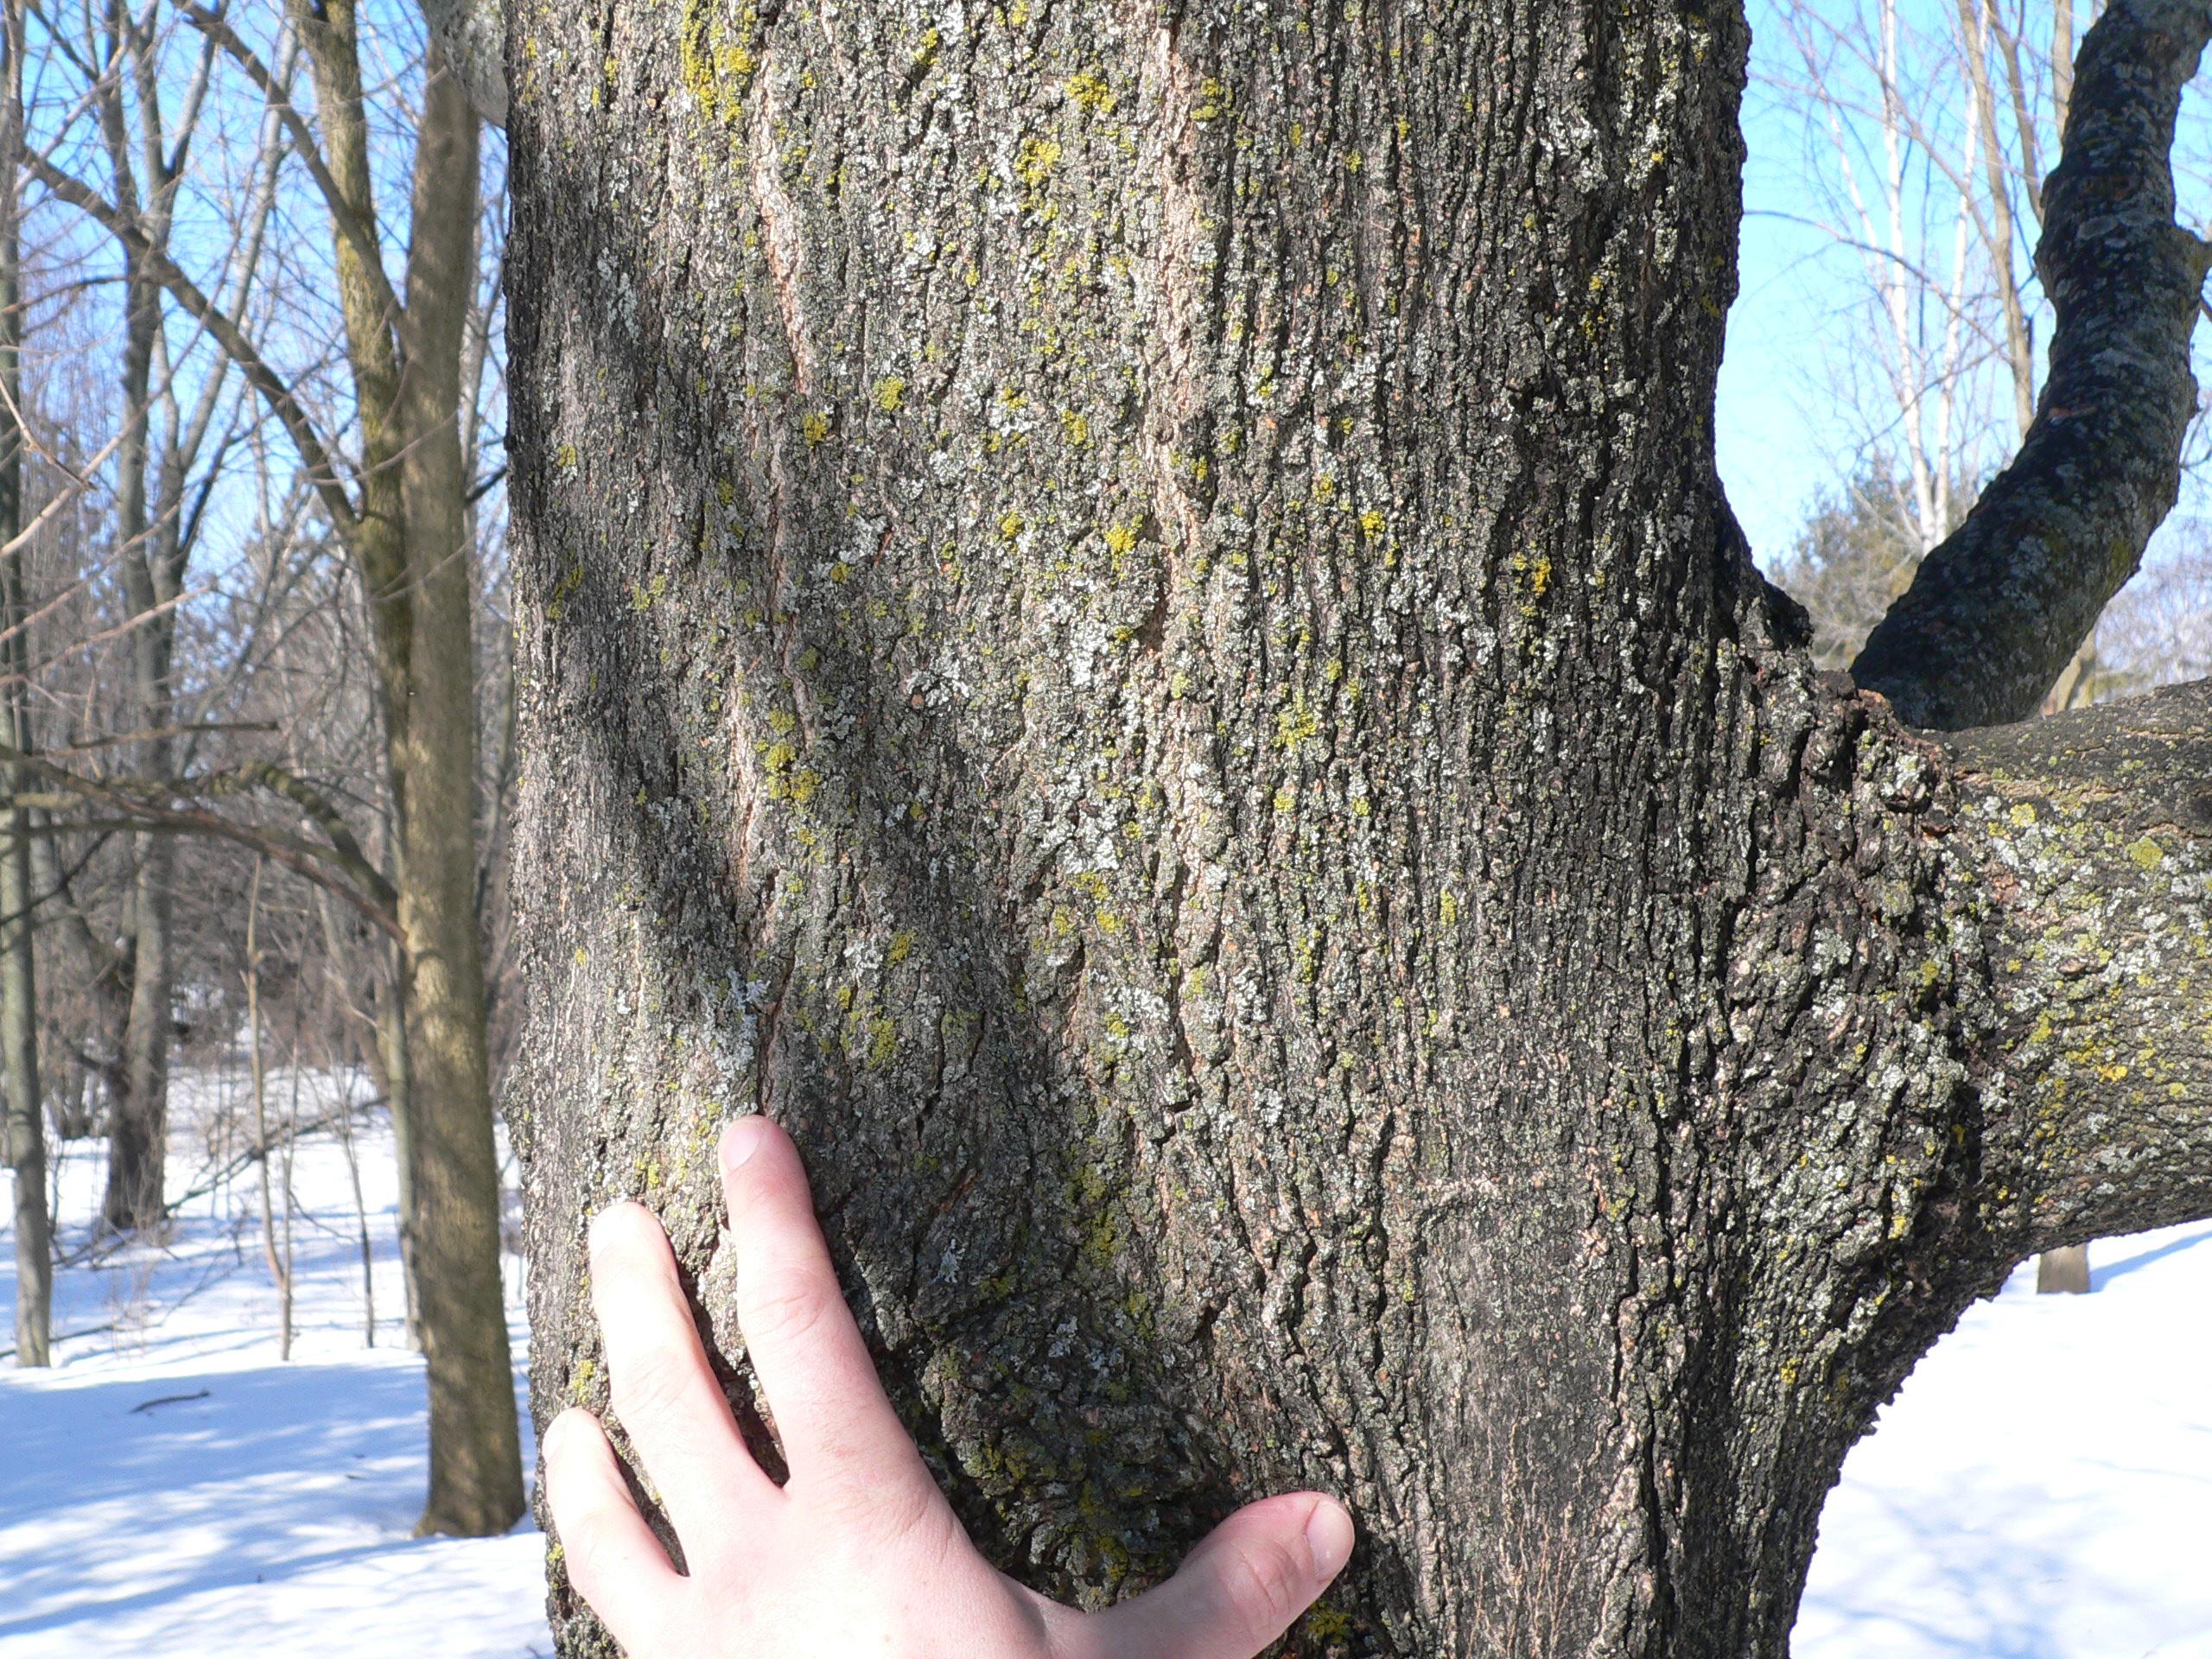 PJPG - Norway maple bark